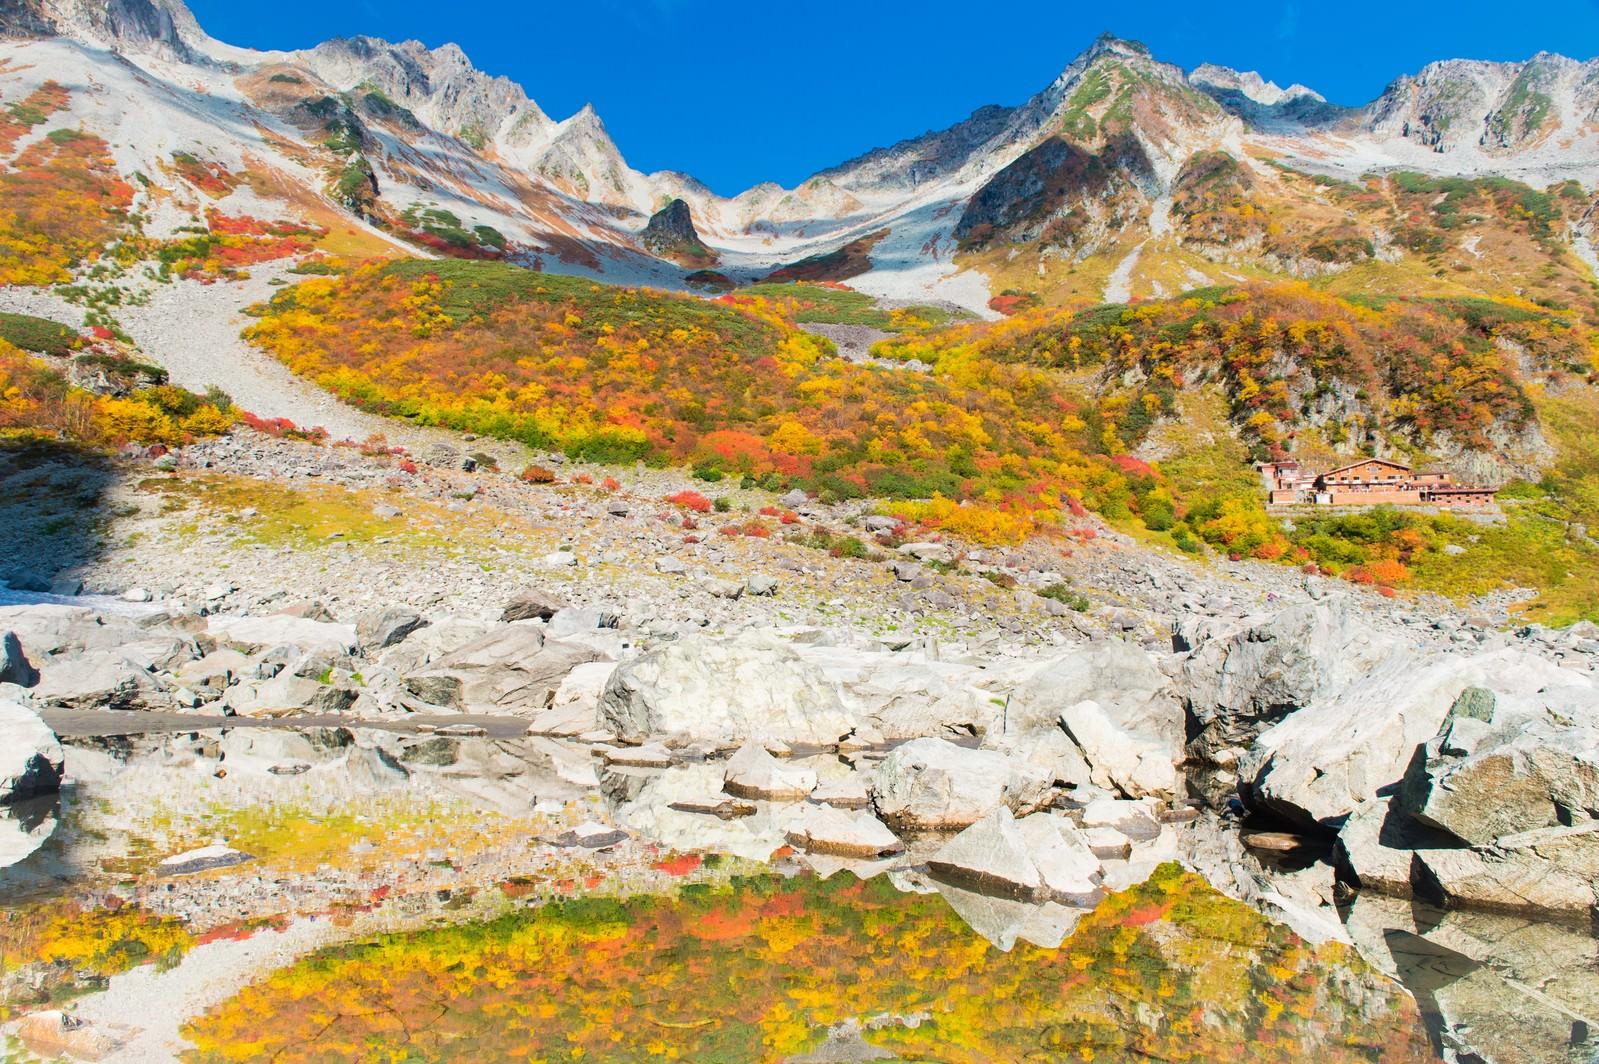 「紅葉シーズンの涸沢カール」の写真